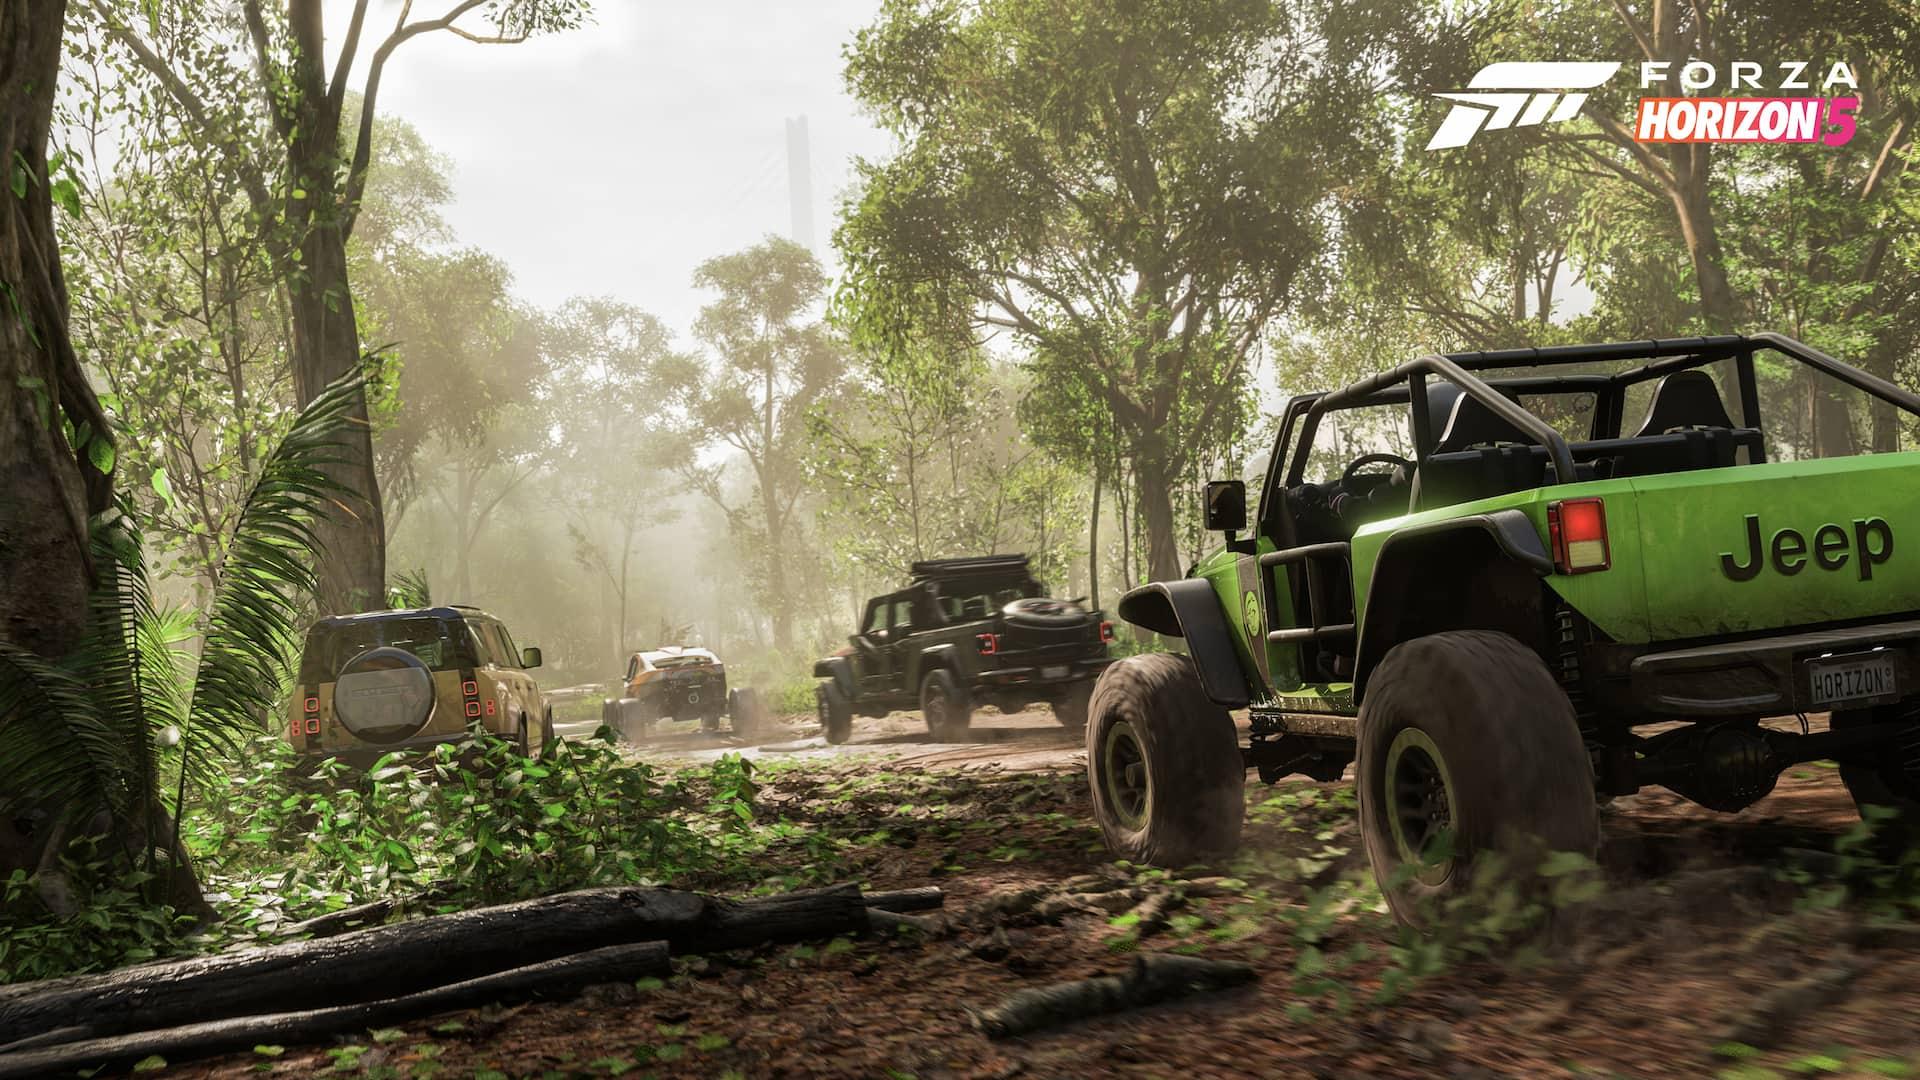 Forza Horizon 5 se desarrolló al completo con Xbox Game Pass en mente